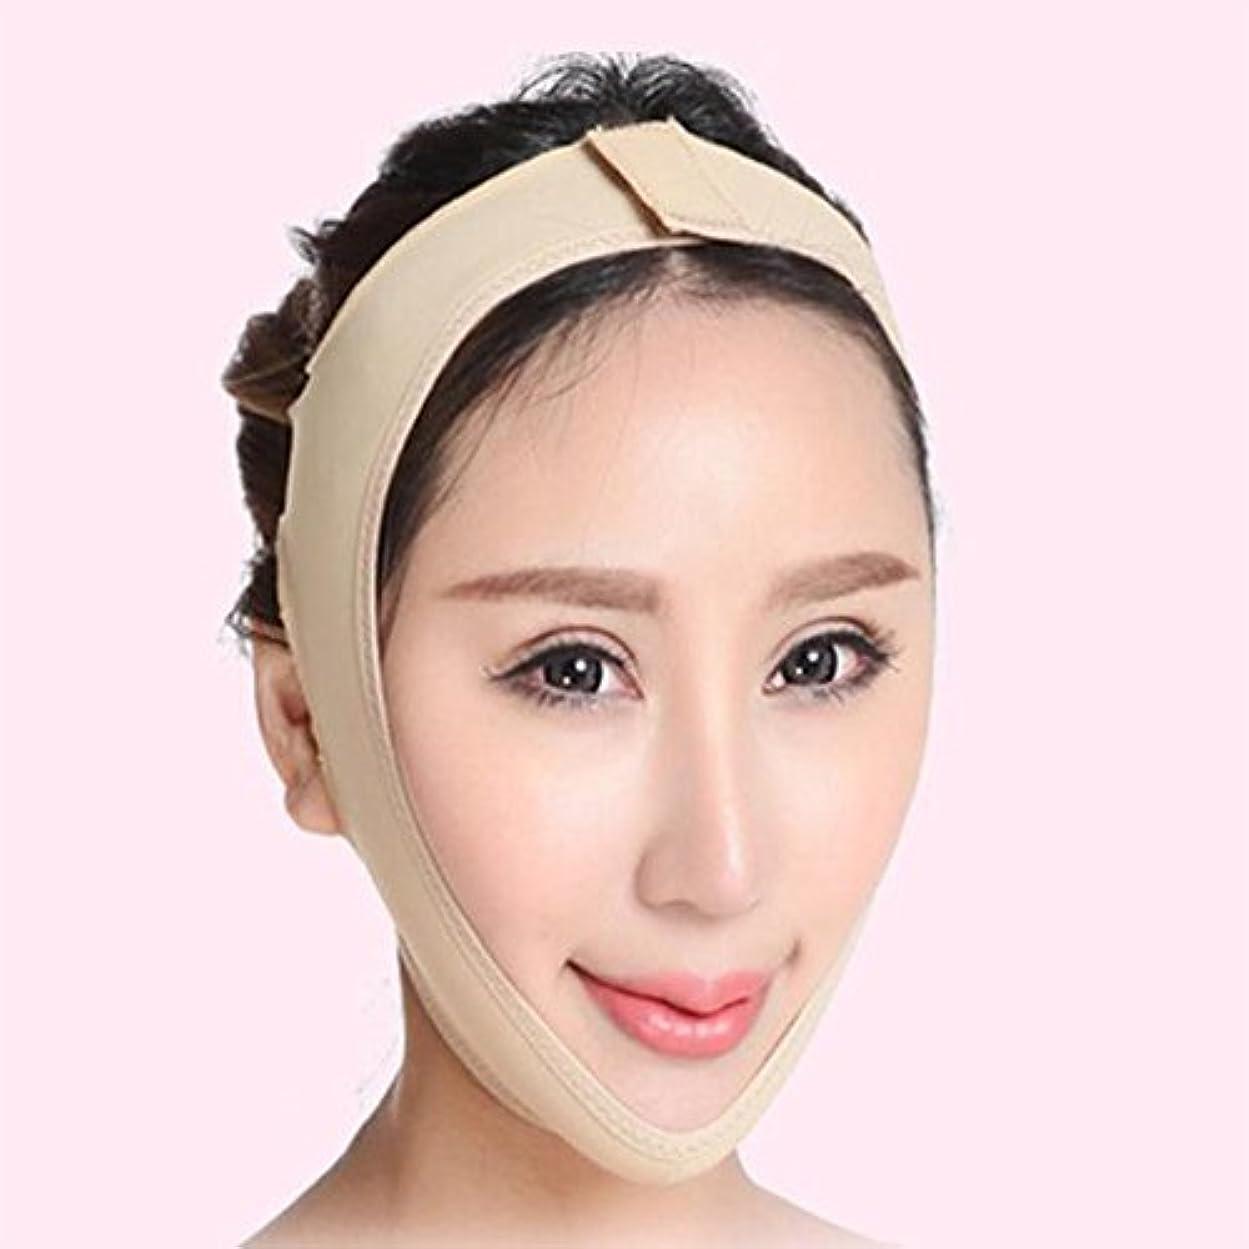 メジャーくしゃみなしでSD 小顔 小顔マスク リフトアップ マスク フェイスライン 矯正 あご シャープ メンズ レディース XLサイズ AZD15003-XL